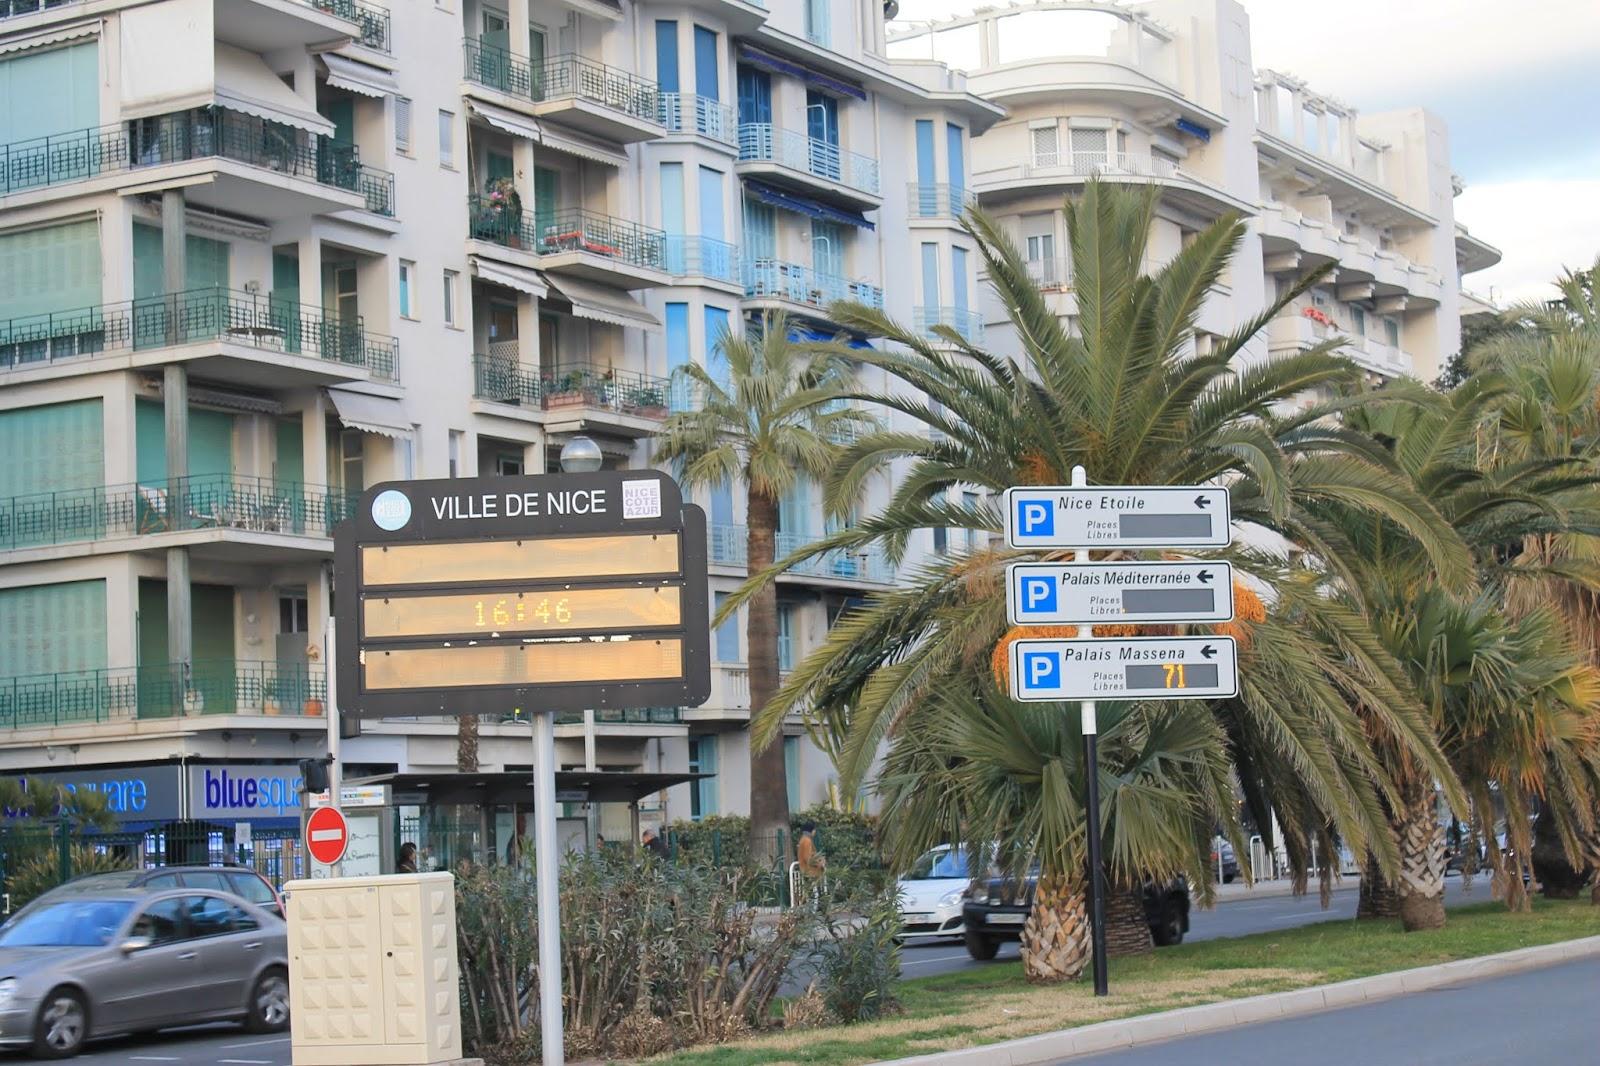 [CARTE] Métropole Nice Côte d'Azur : les prix de l'immobilier grimpent encore